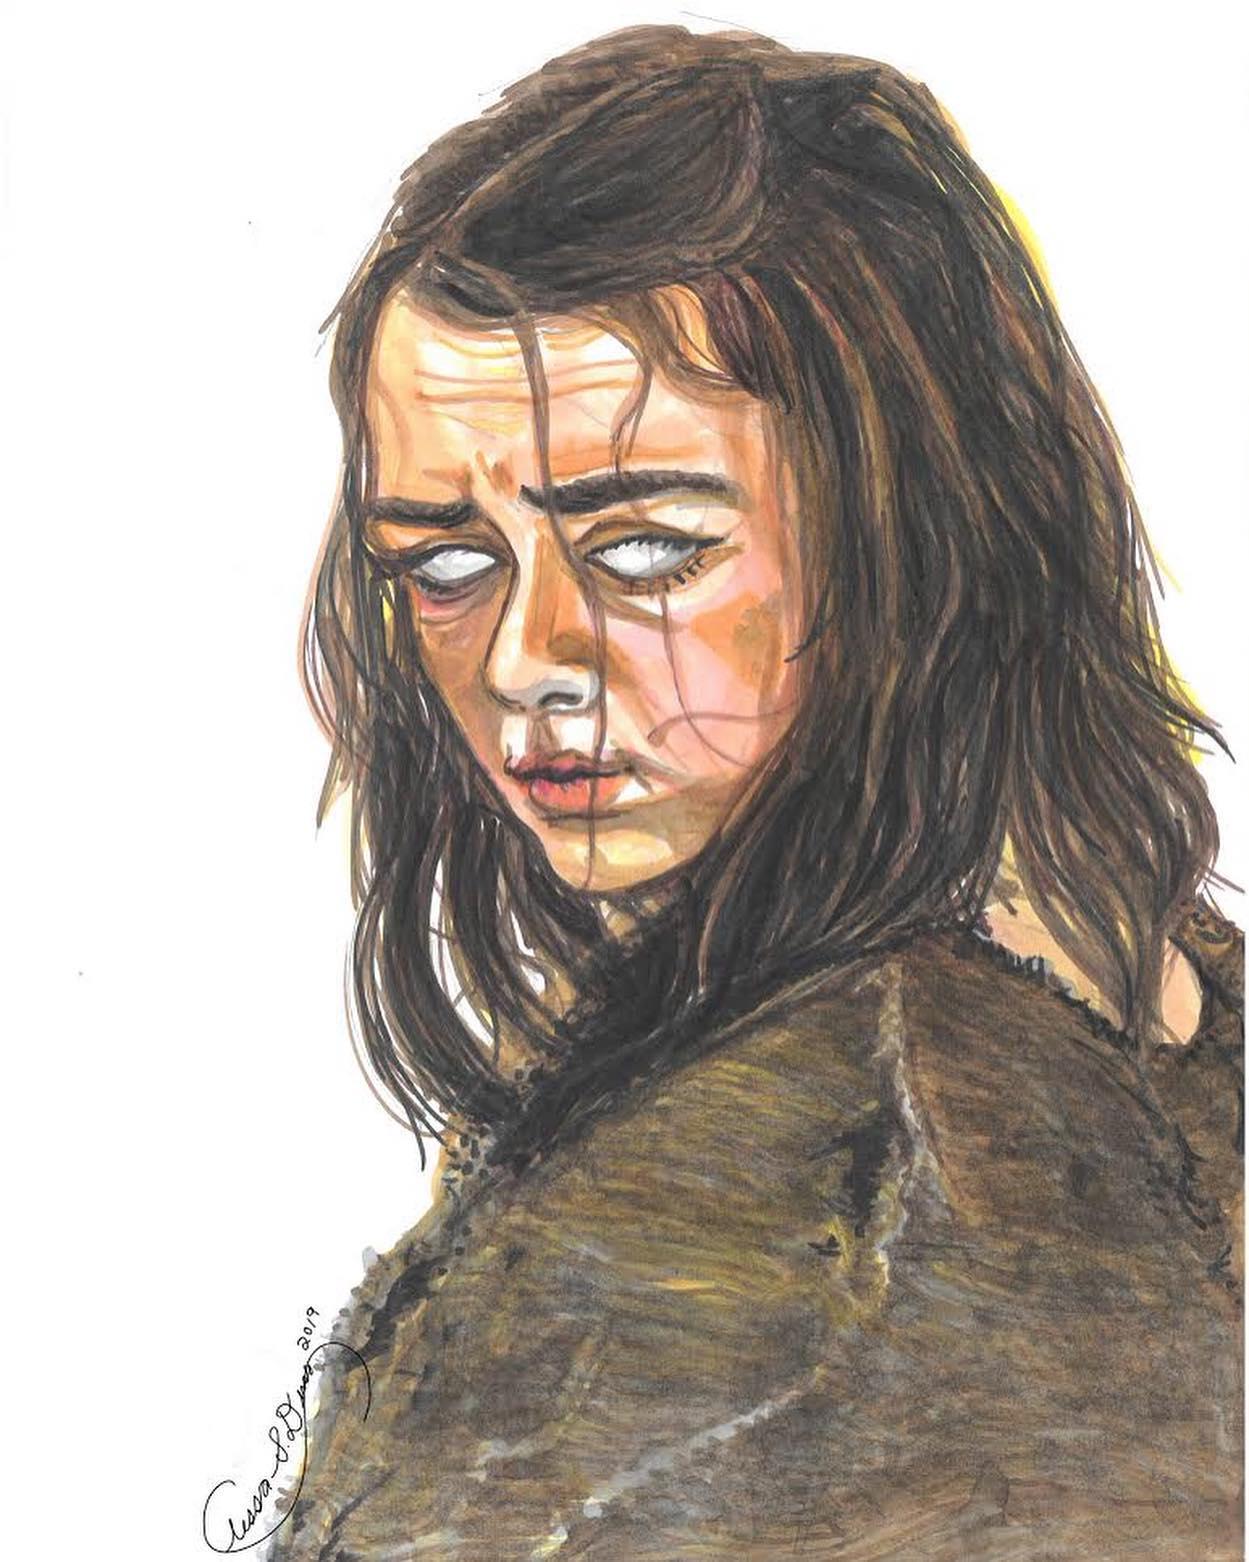 Arya Stark drawing by Tessa Scheckner Dines.jpg